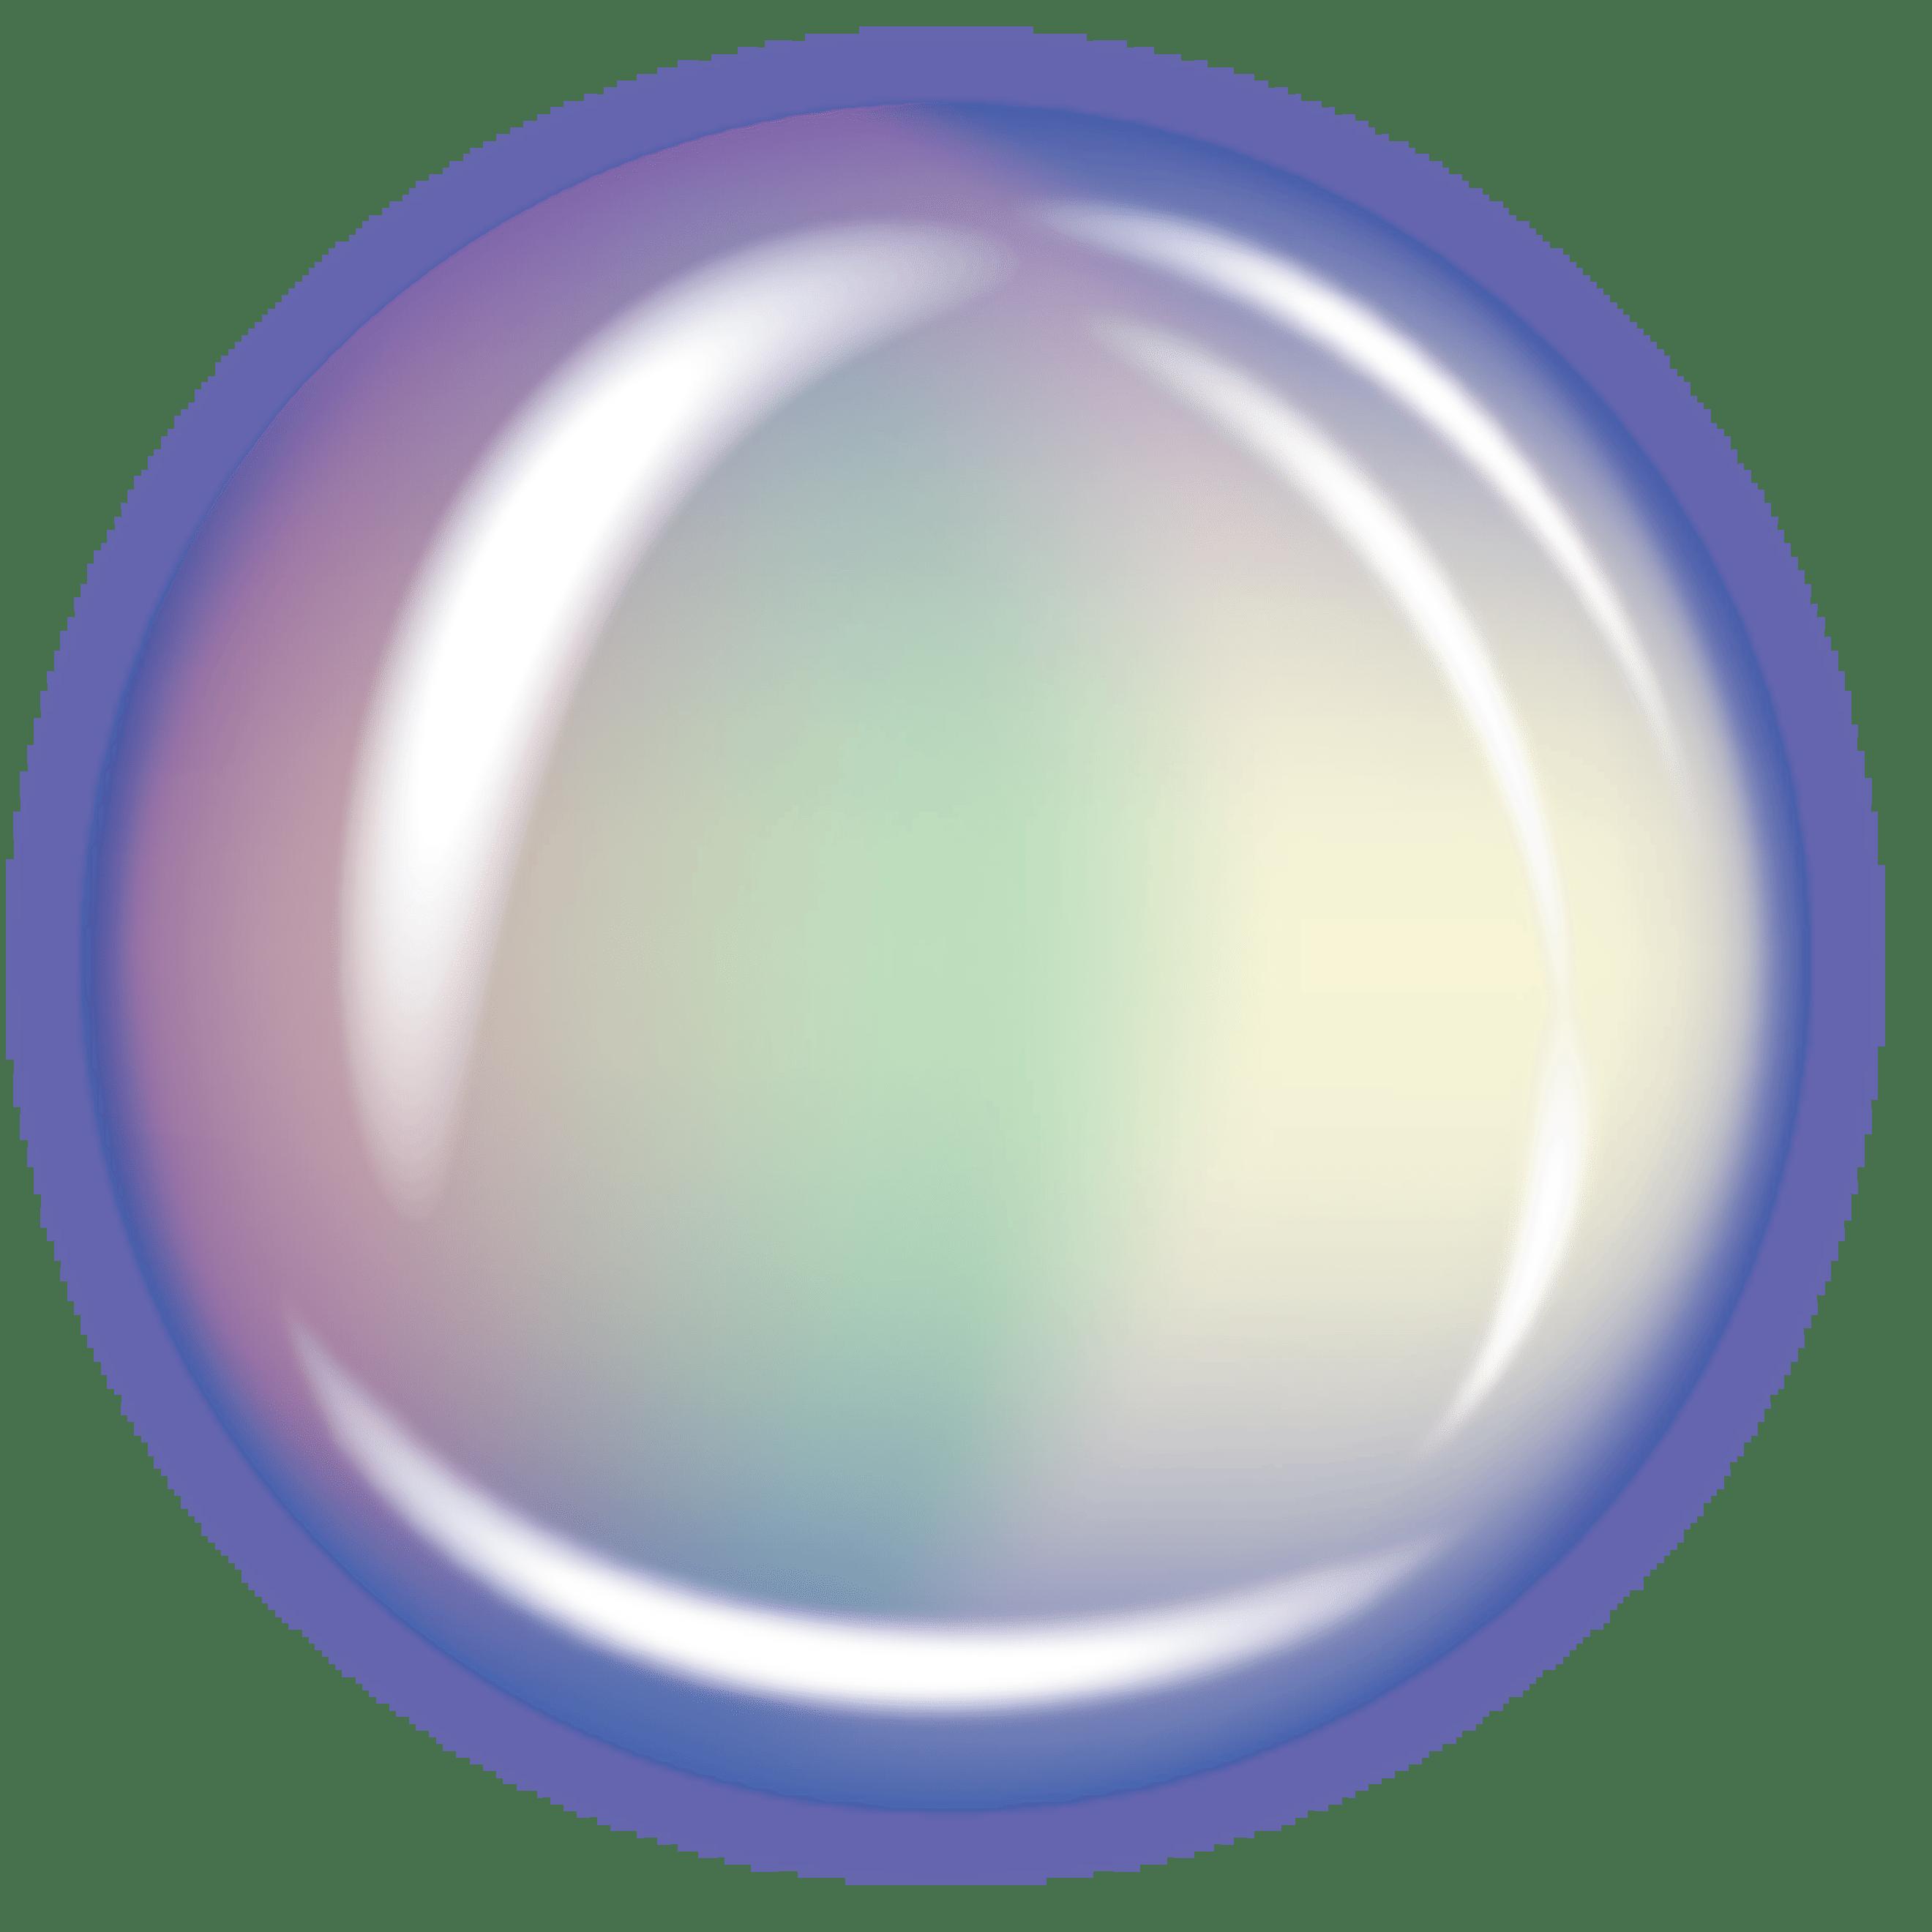 Transparent clip art creation. Bubble clipart